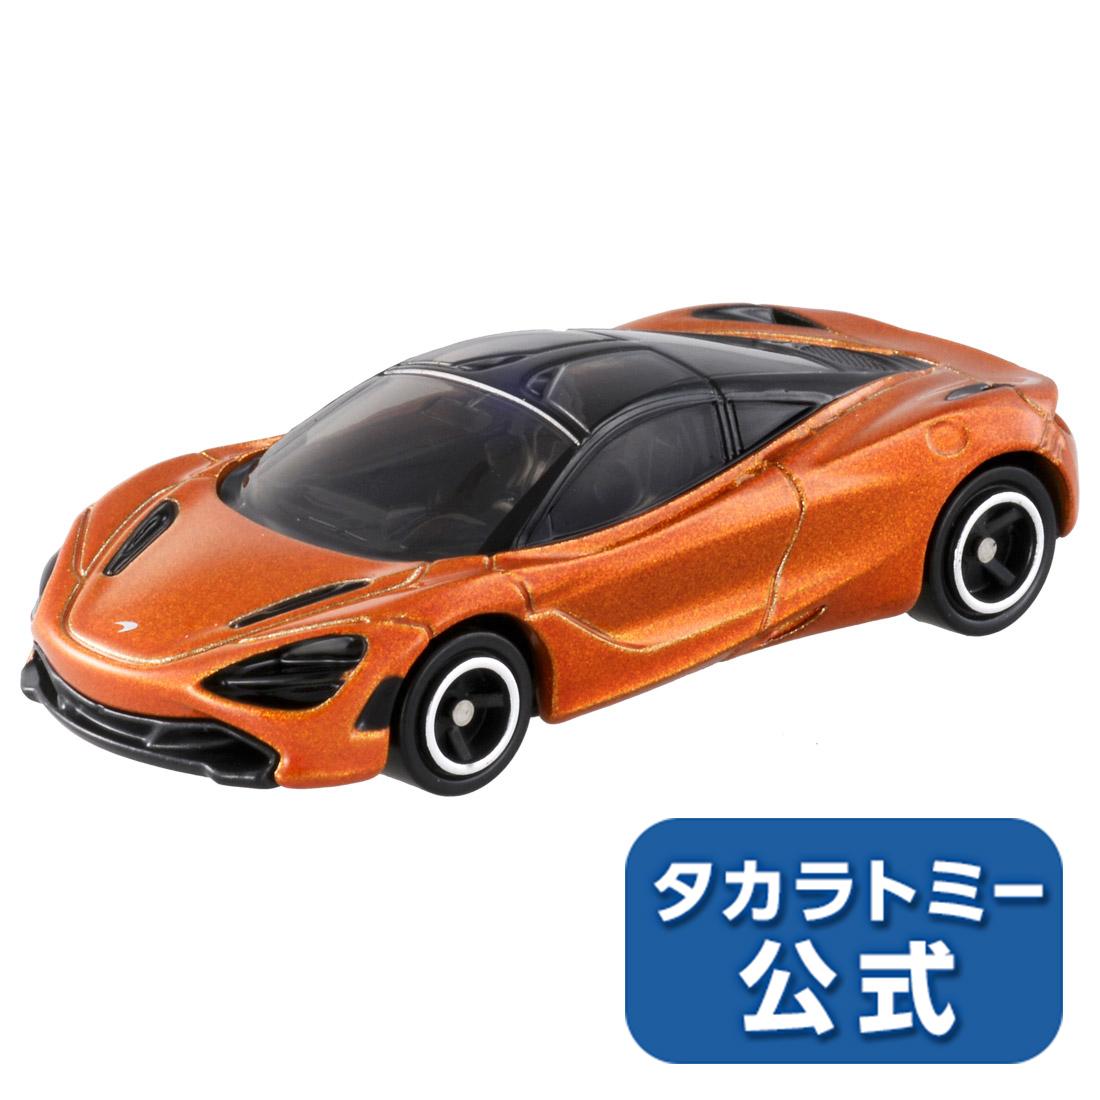 2018年12月15日発売タカラトミー公式店5 500円以上購入で送料無料 トミカNo.57マクラーレン720S トミカ 箱 新品 セール価格